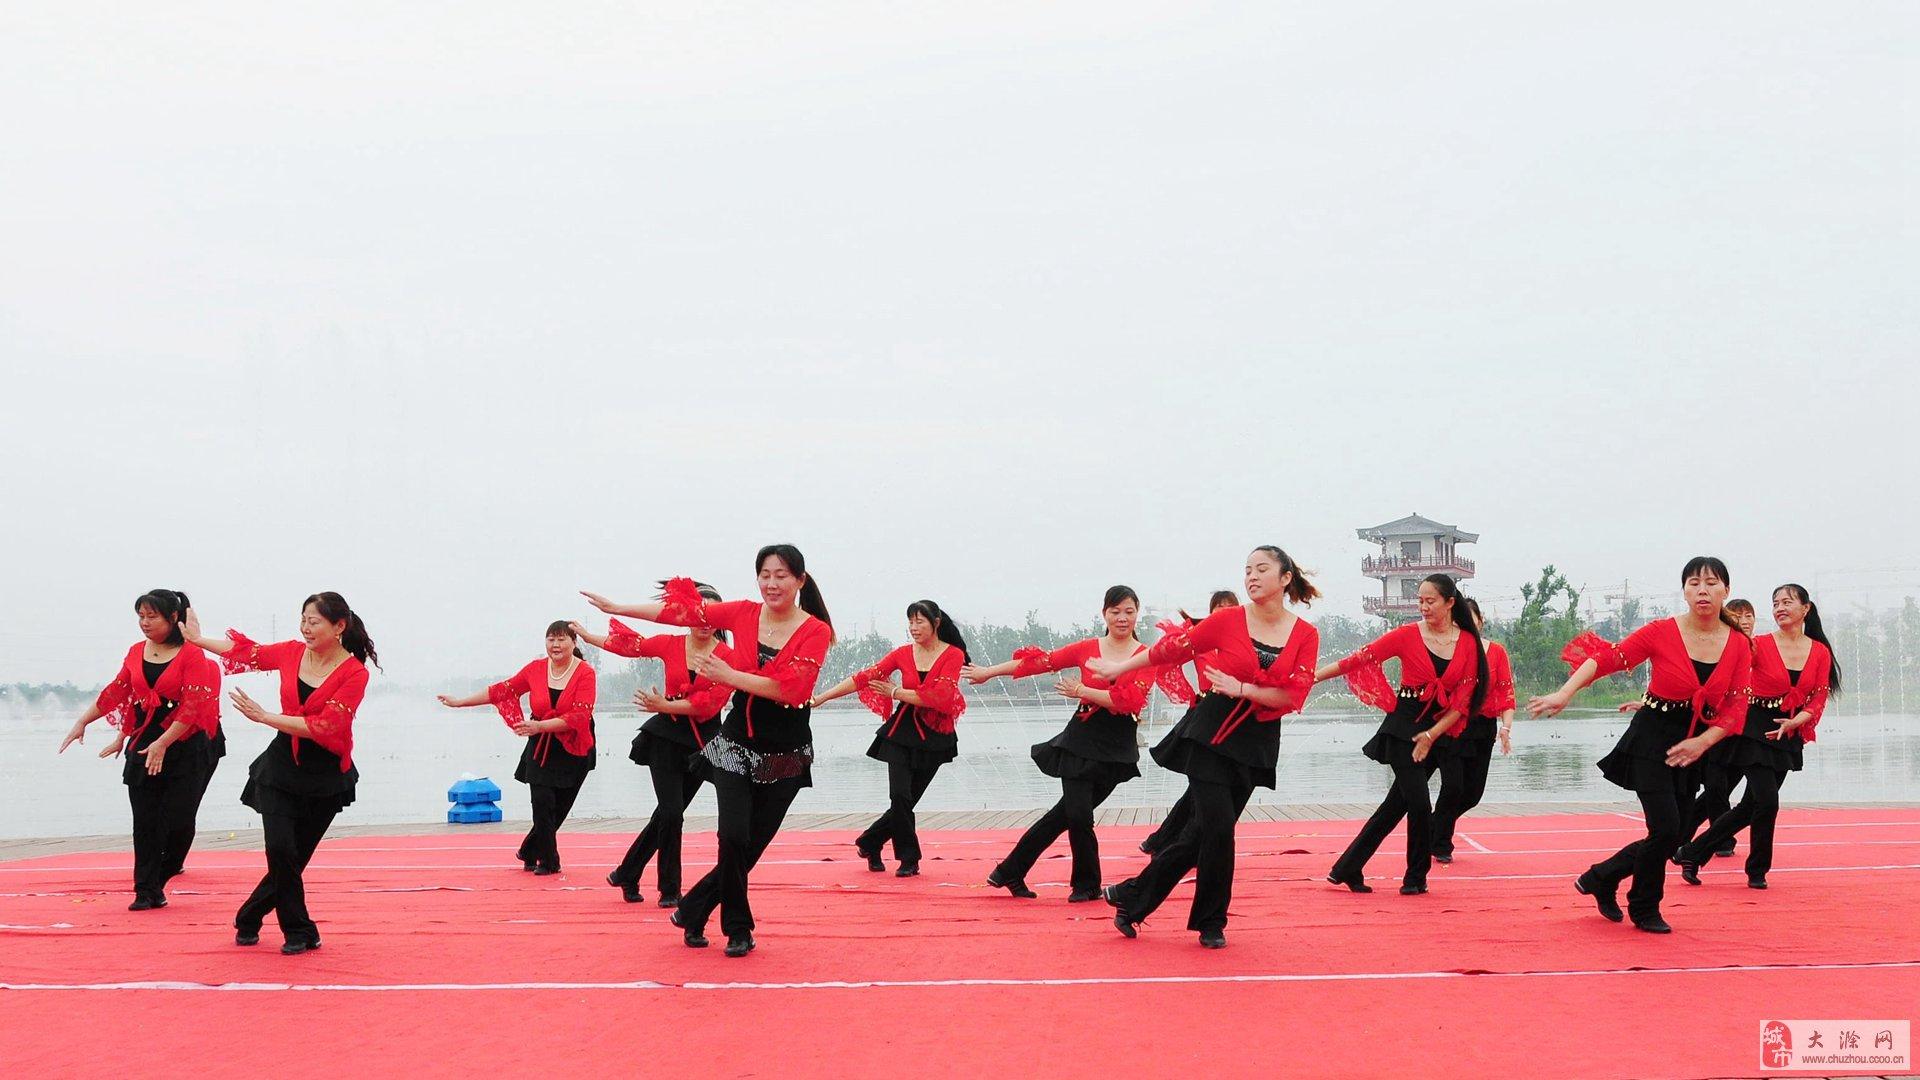 现代舞||舞蹈视频大全现代舞||幼儿舞蹈视频